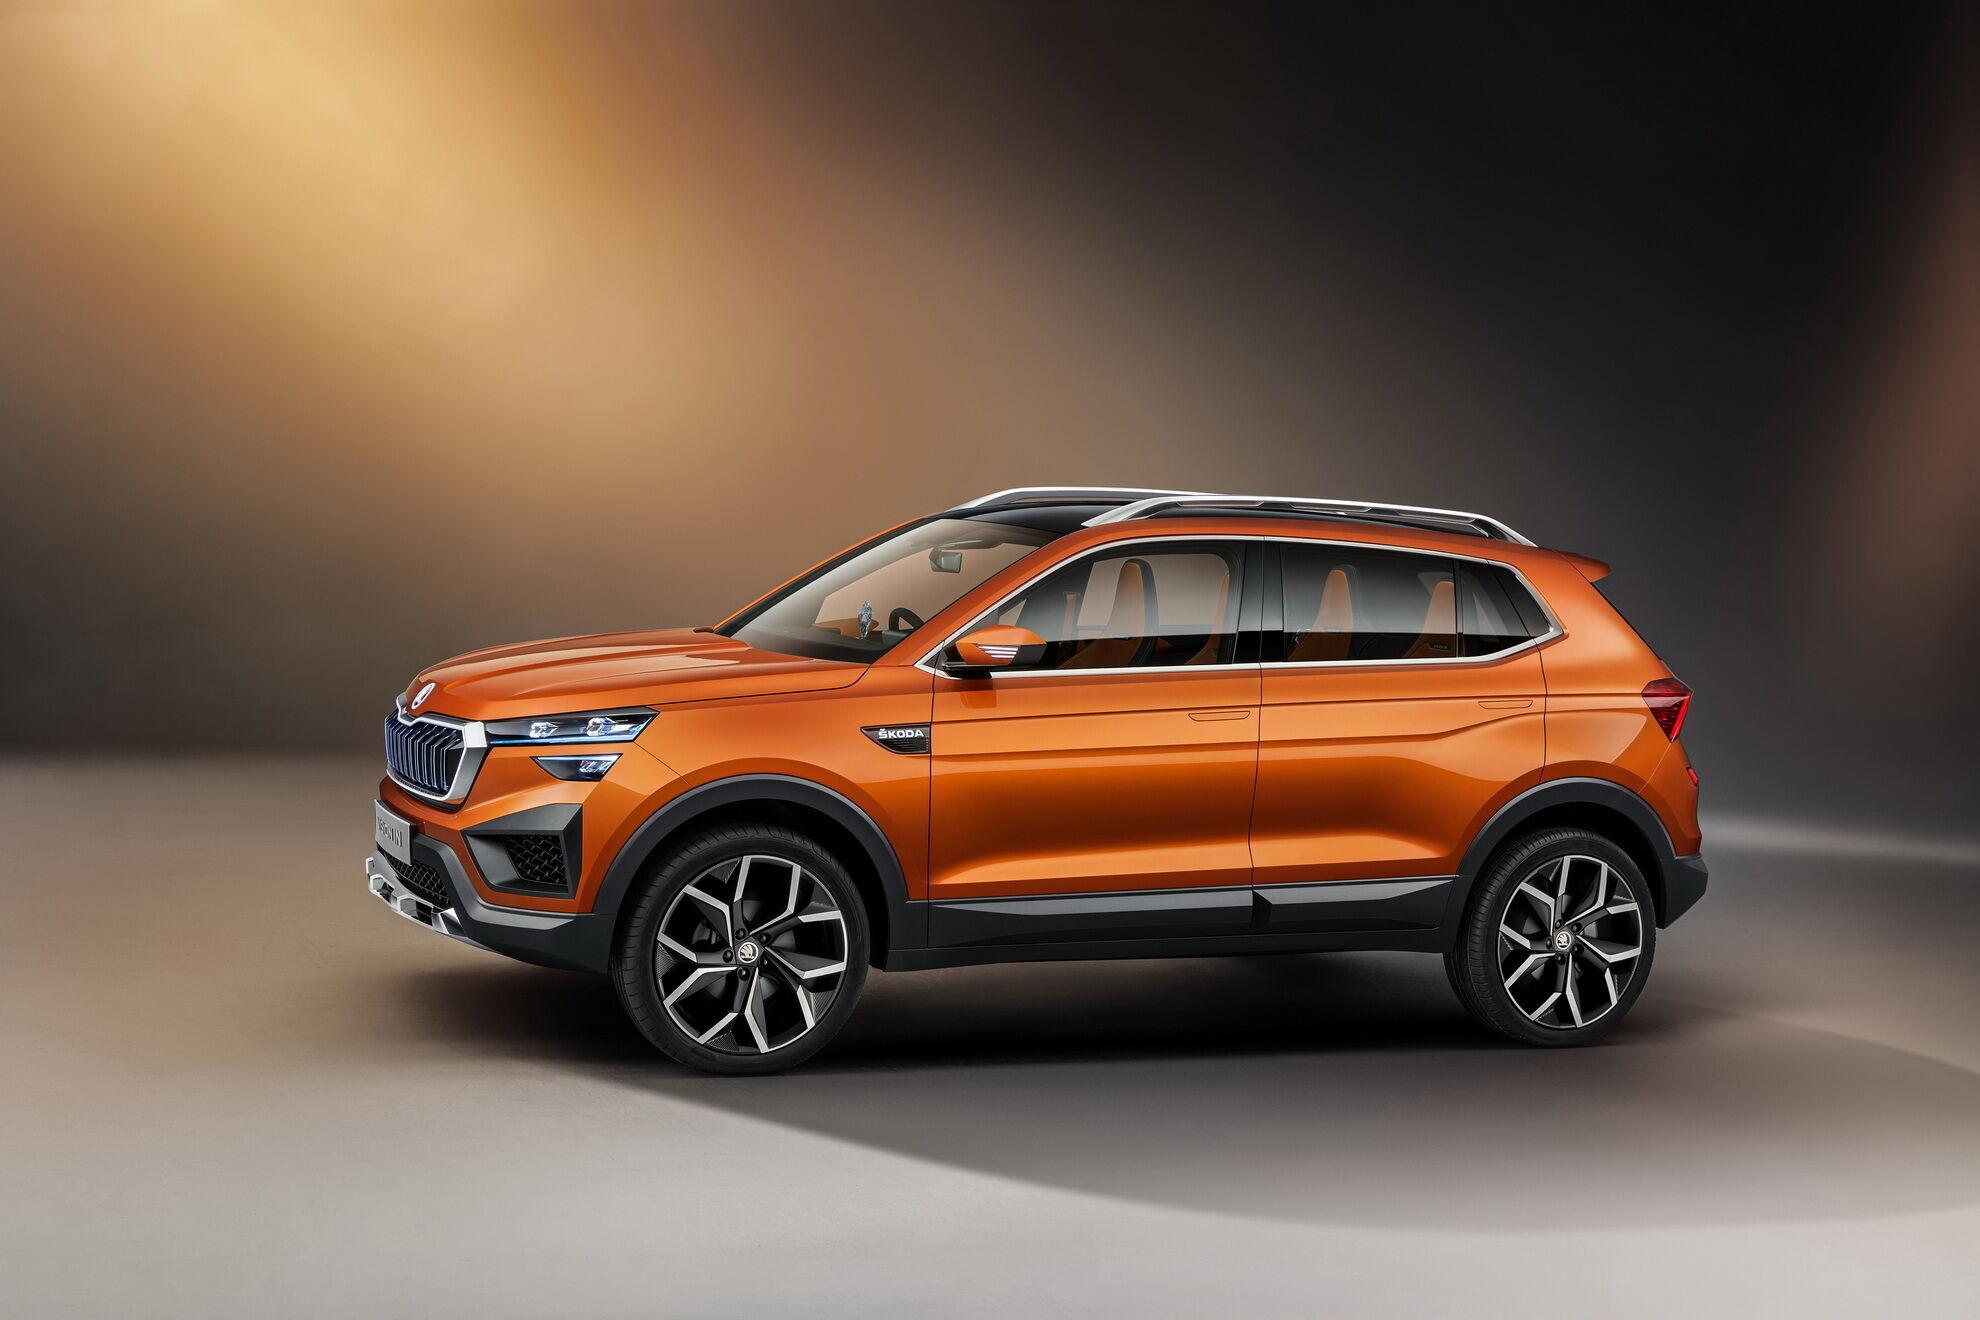 Прообразом для модели Kushaq послужил концепт Skoda Vision IN, который представили в 2020 году на автошоу в Индии